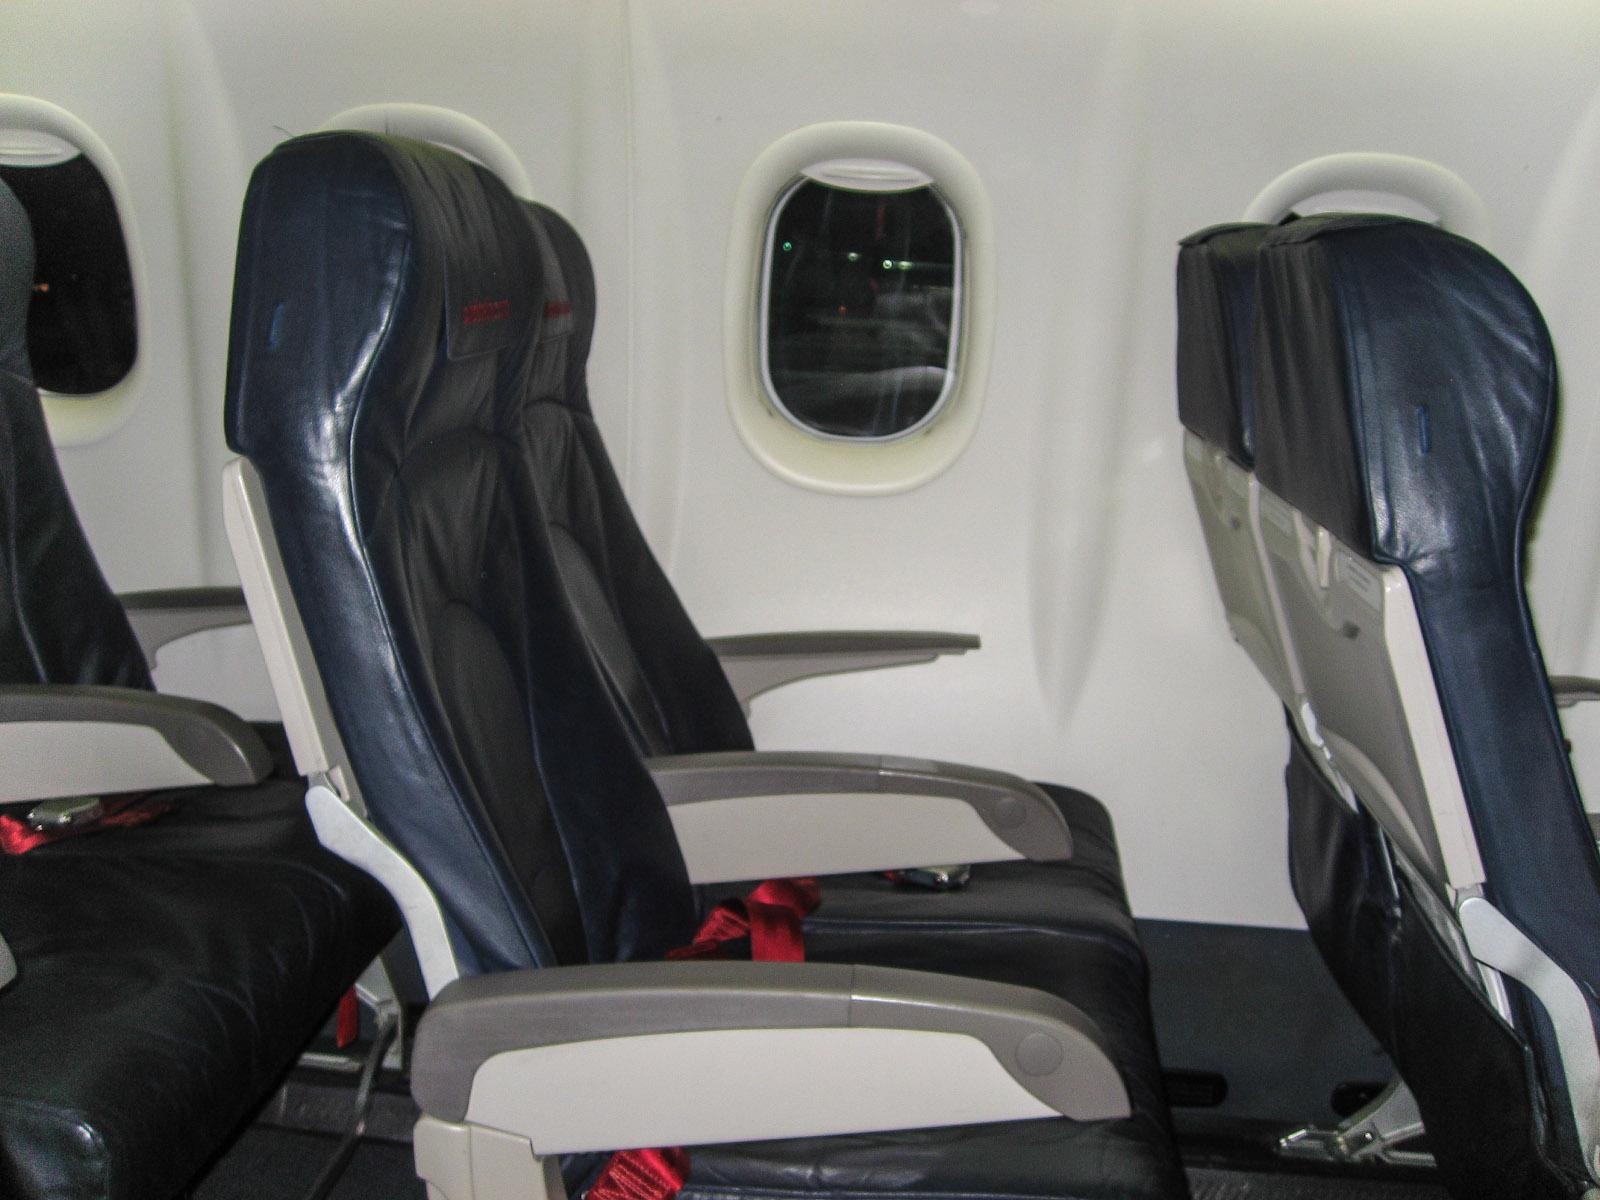 Пассажирские кресла в самолете Bombardier Dash 8Q-400 авиакомпании LGW/airberlin